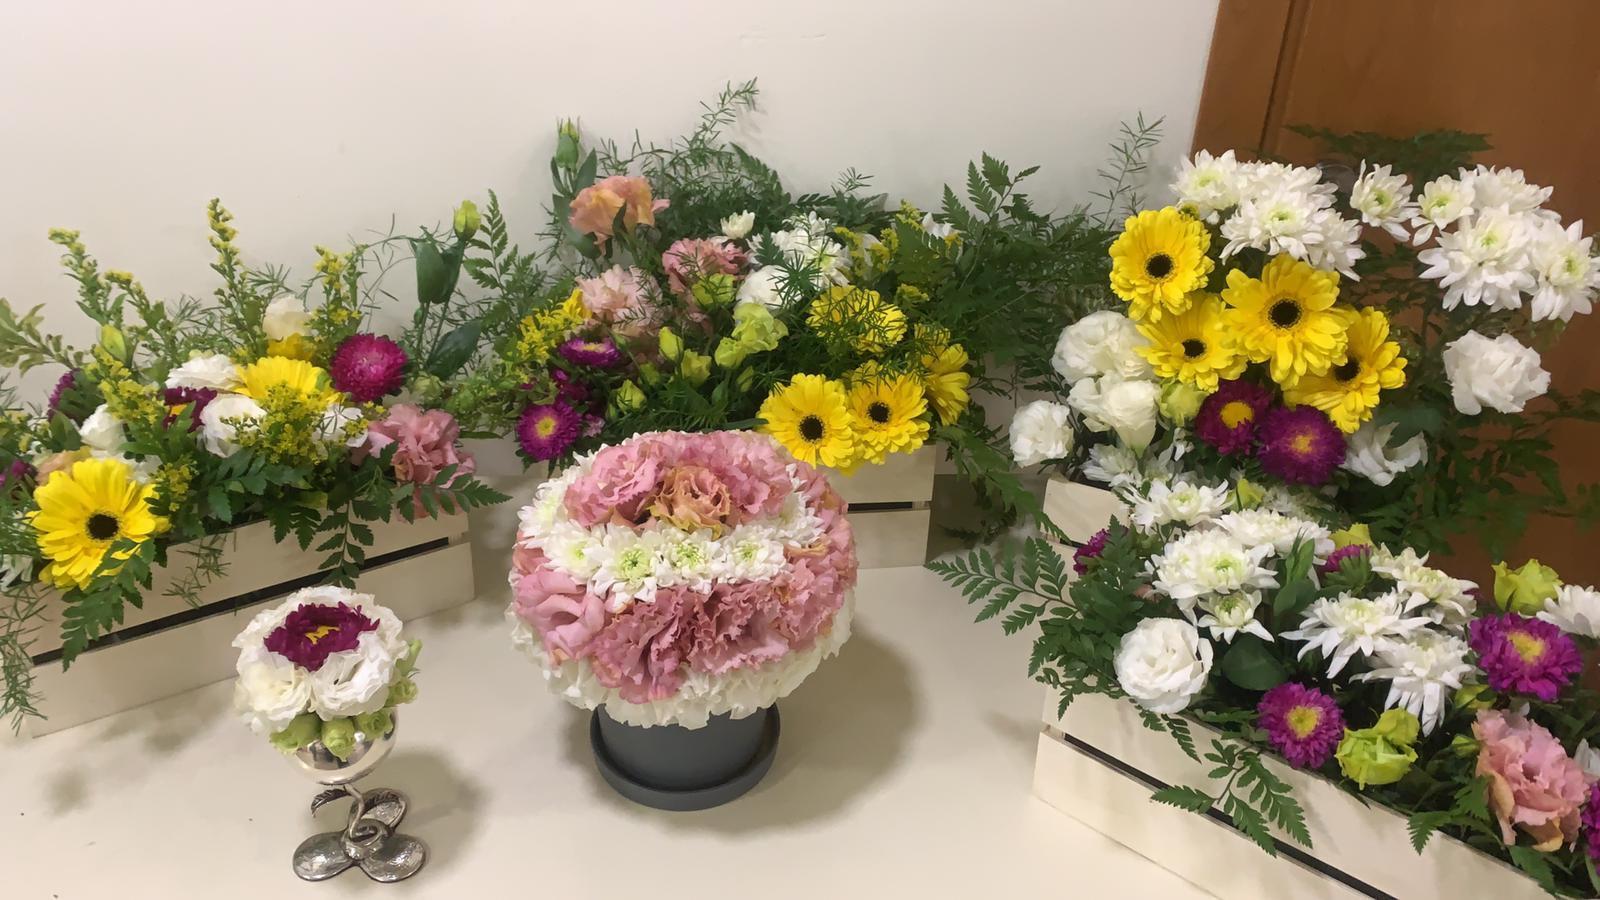 גלרייה - קורס הפקת אירועים מחזור 25 - בשיעור שזירת פרחים , 5 מתוך 7